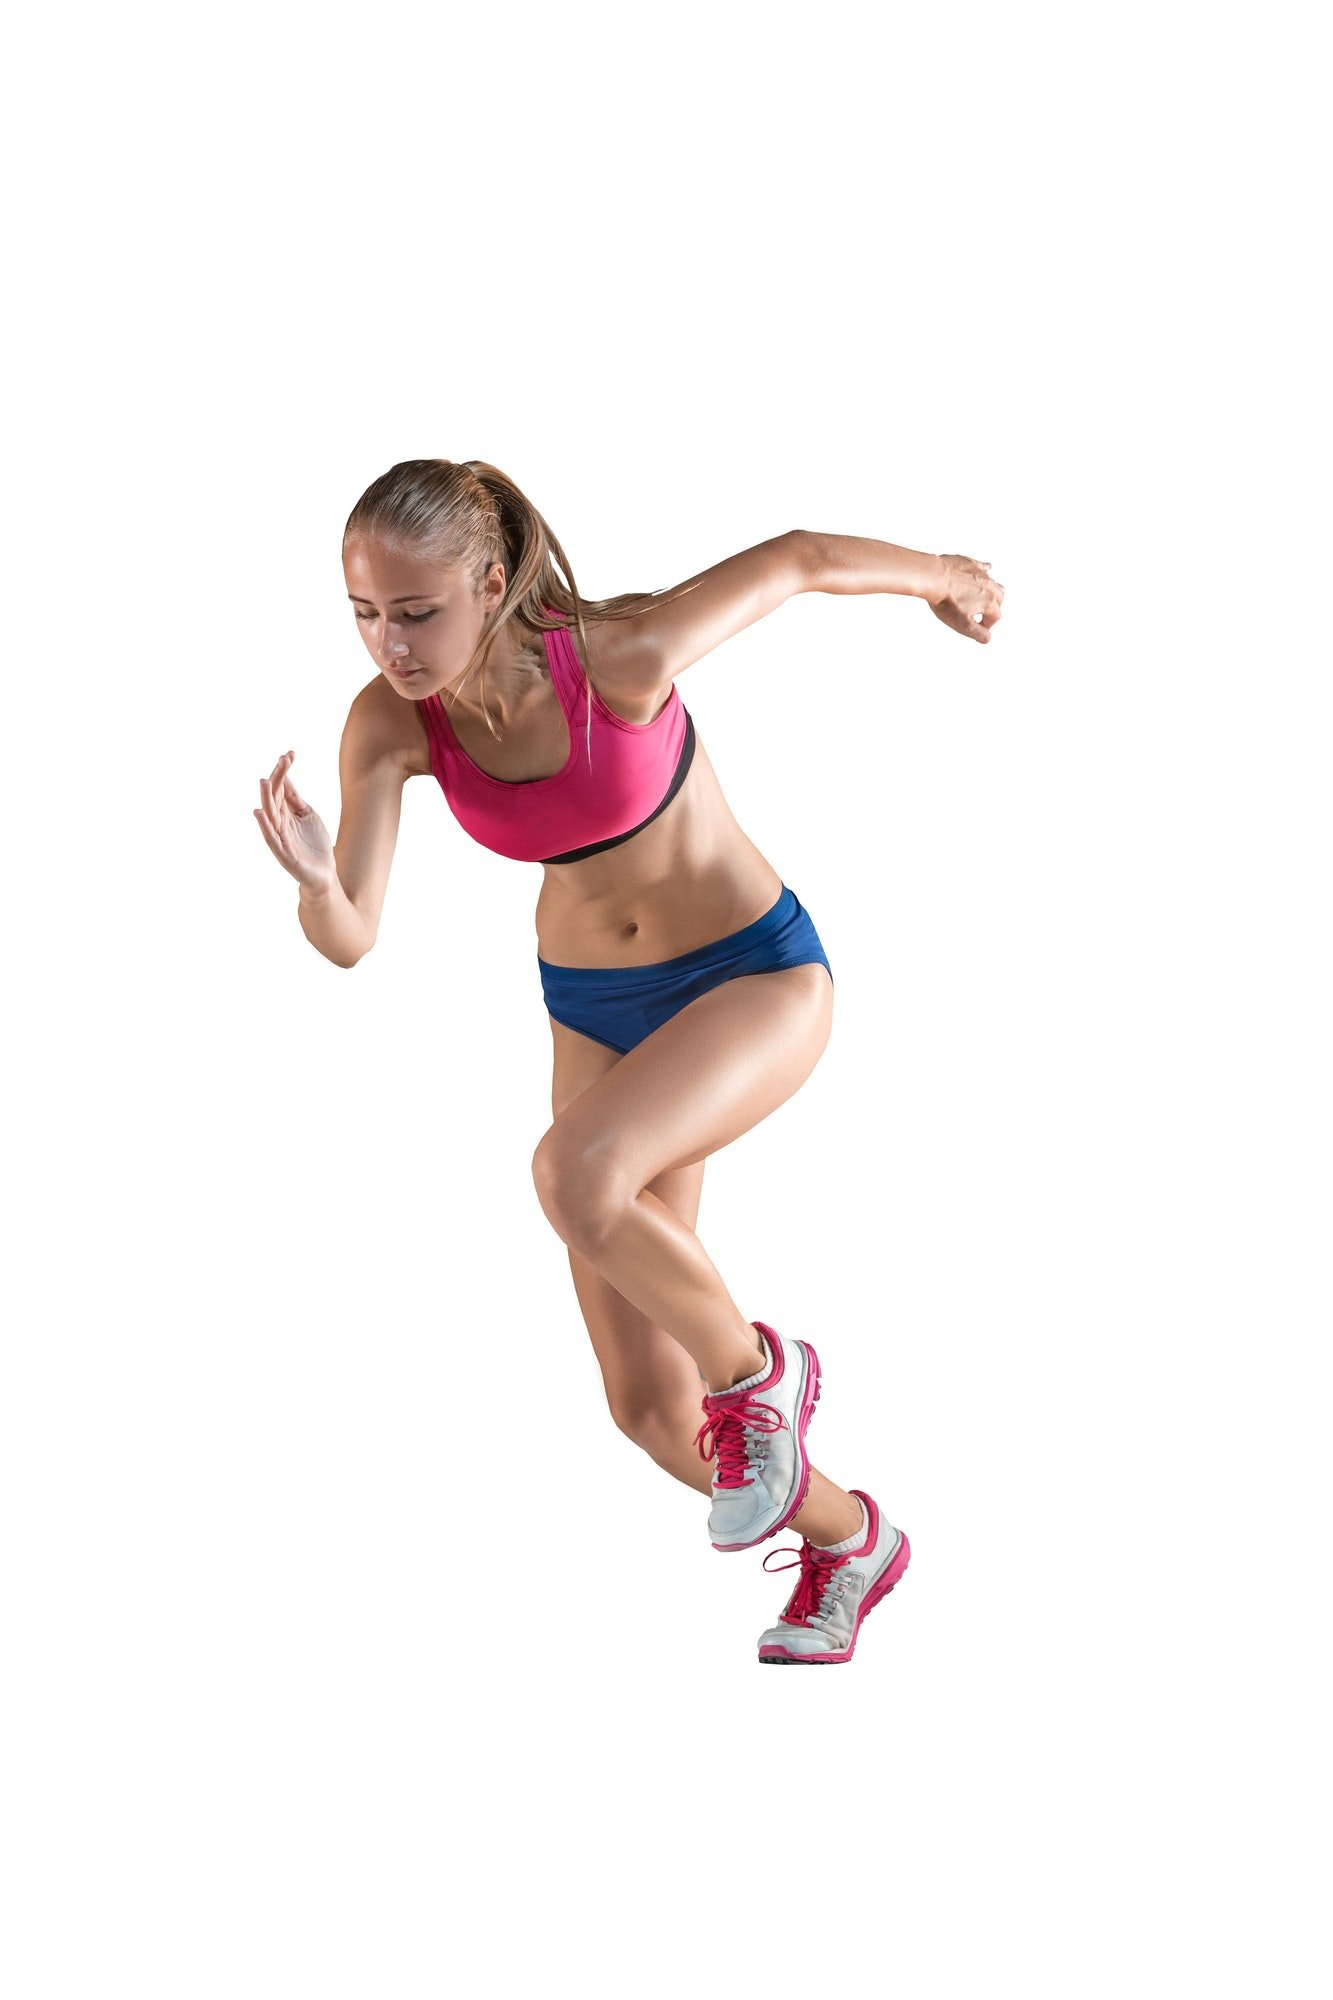 Deportes de atleta femenina de salto de altura está en acción